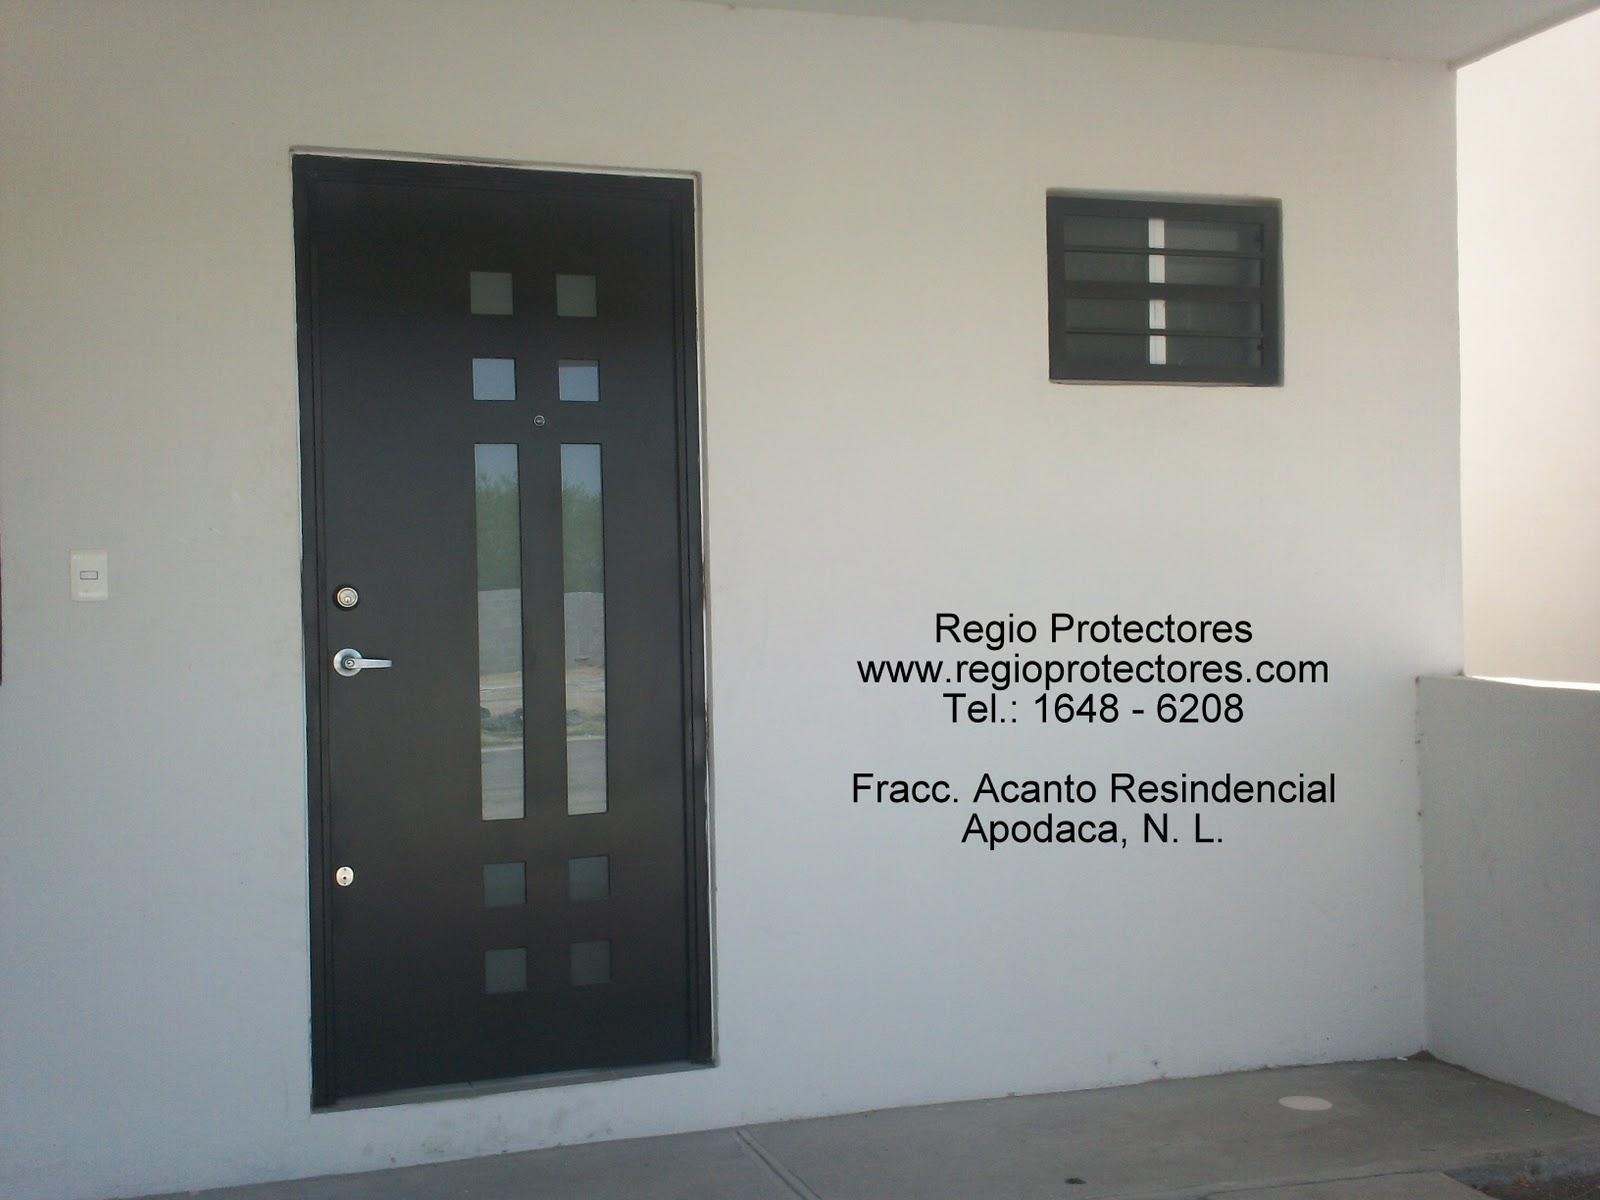 Pin fotos puertas principales com portal pelautscom on - Puertas principales ...